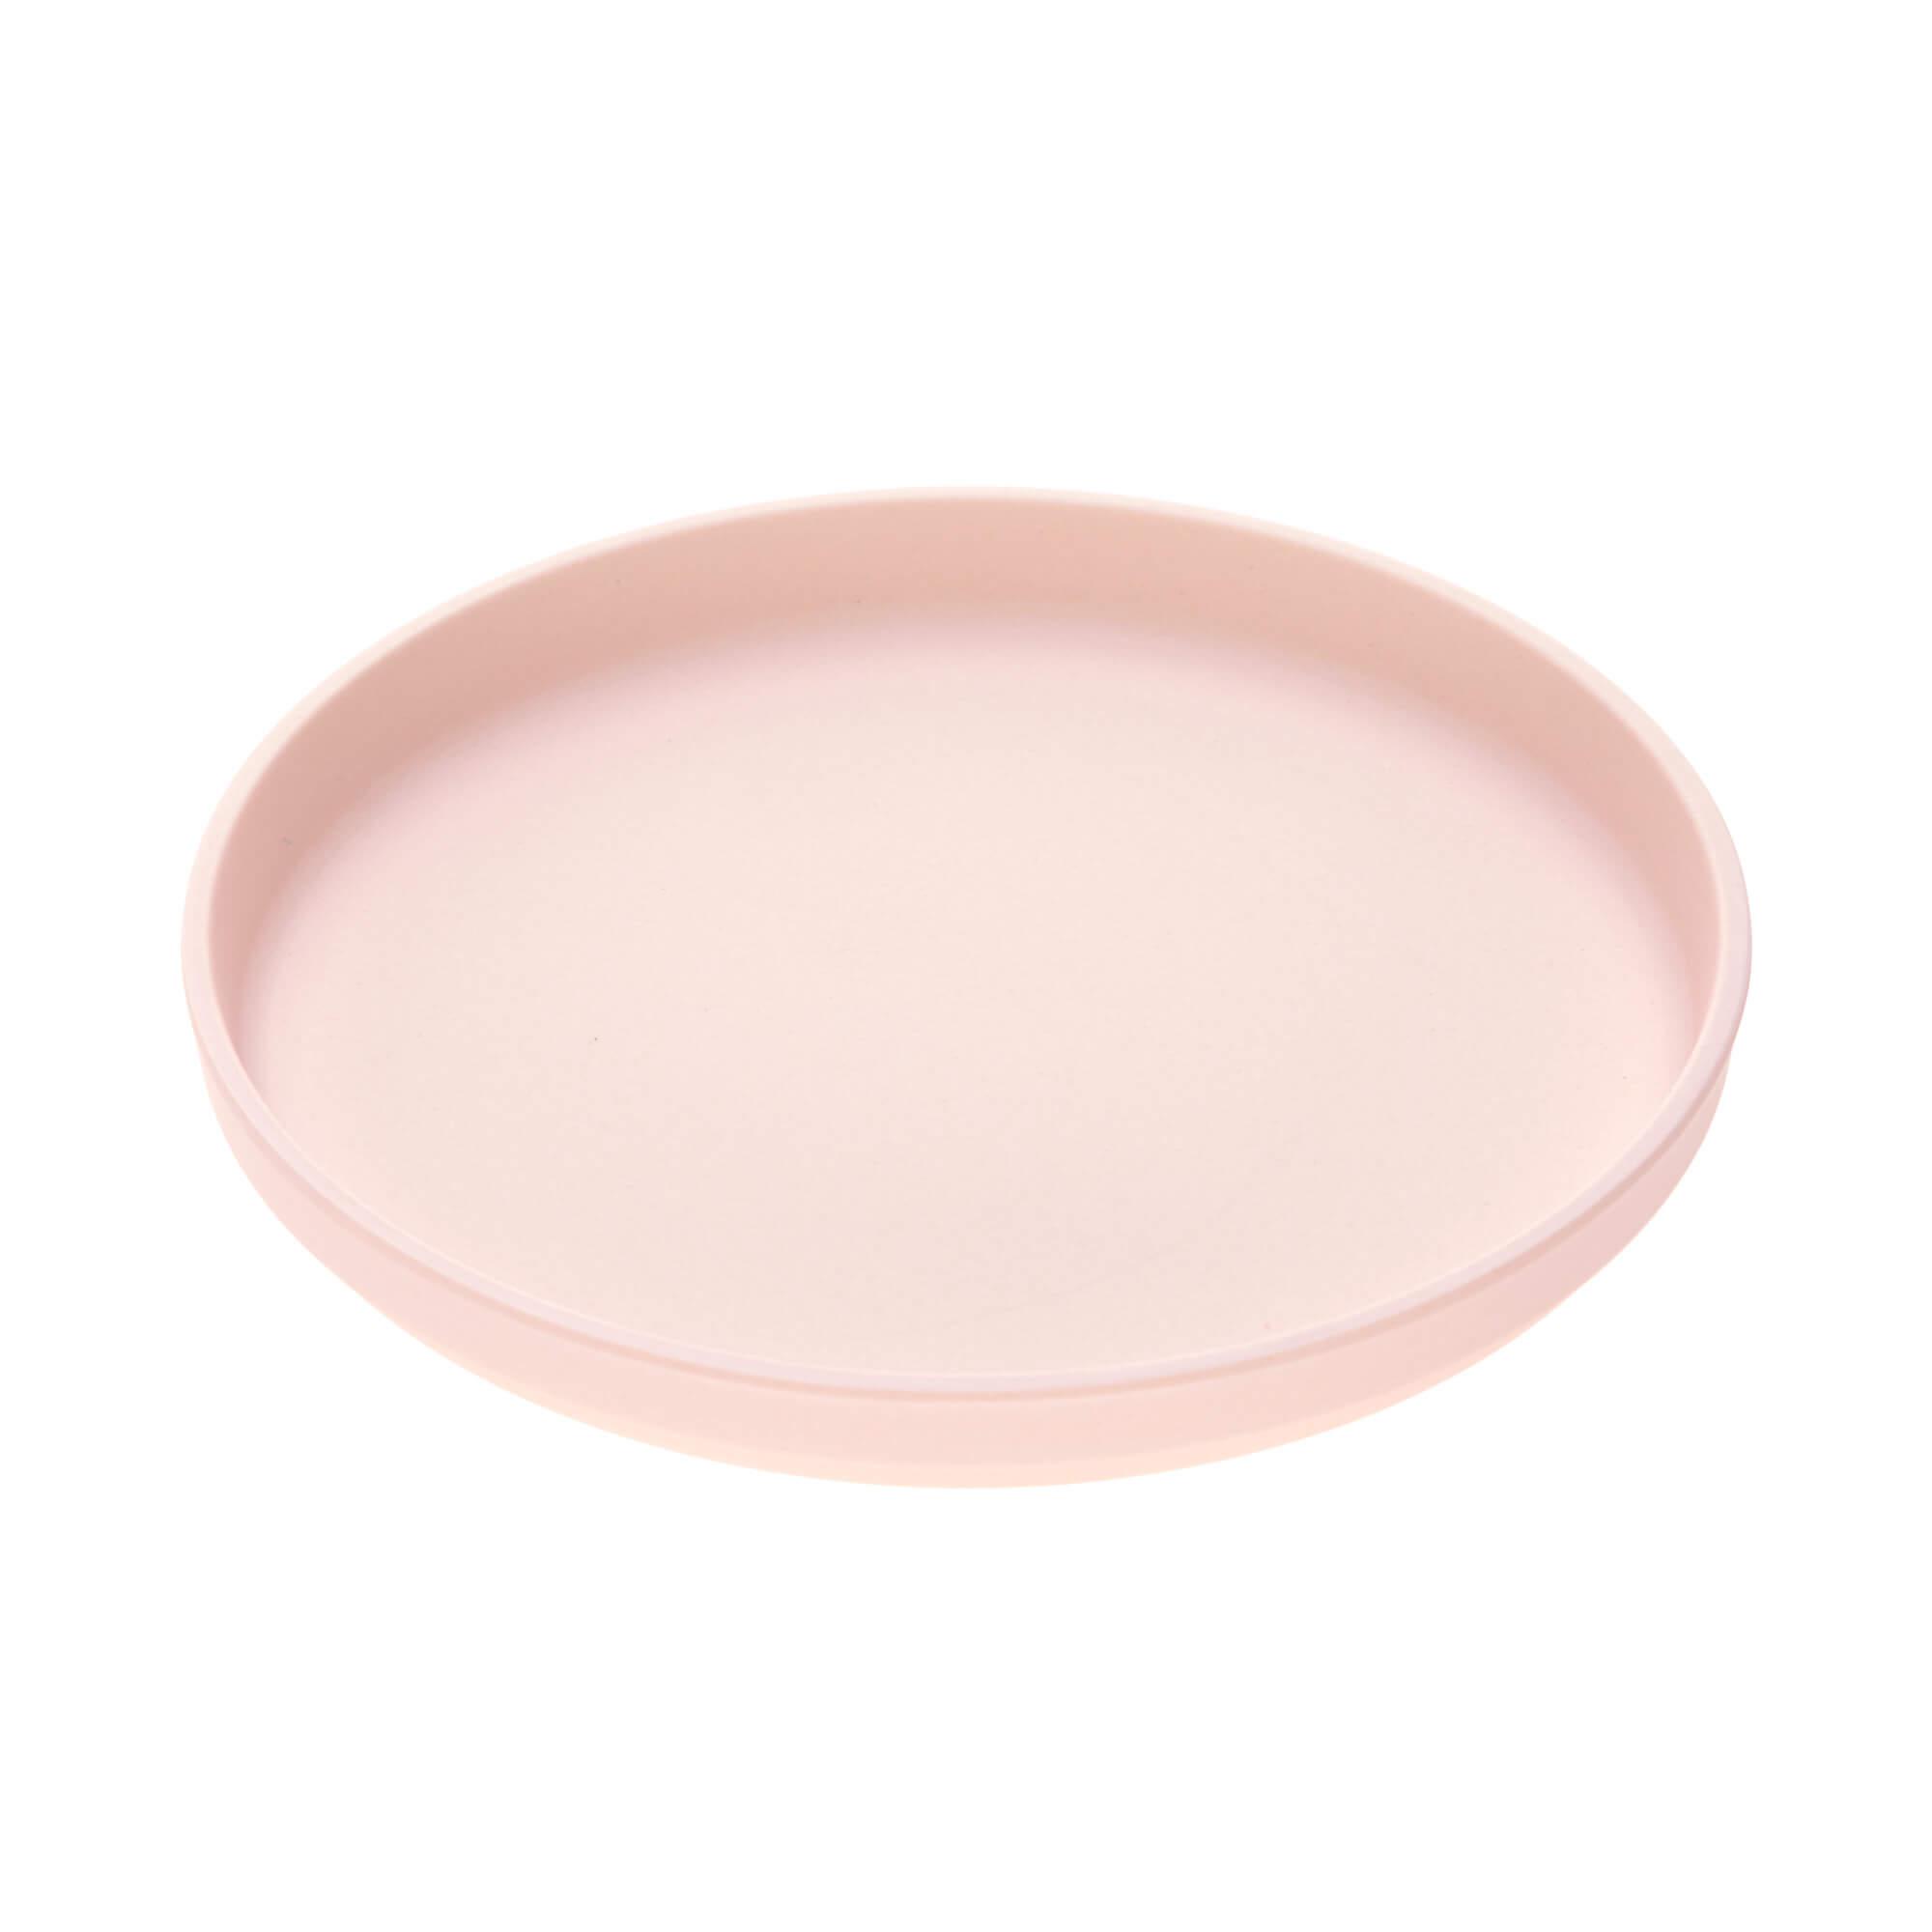 Kinderteller - Light Pink - Lässig